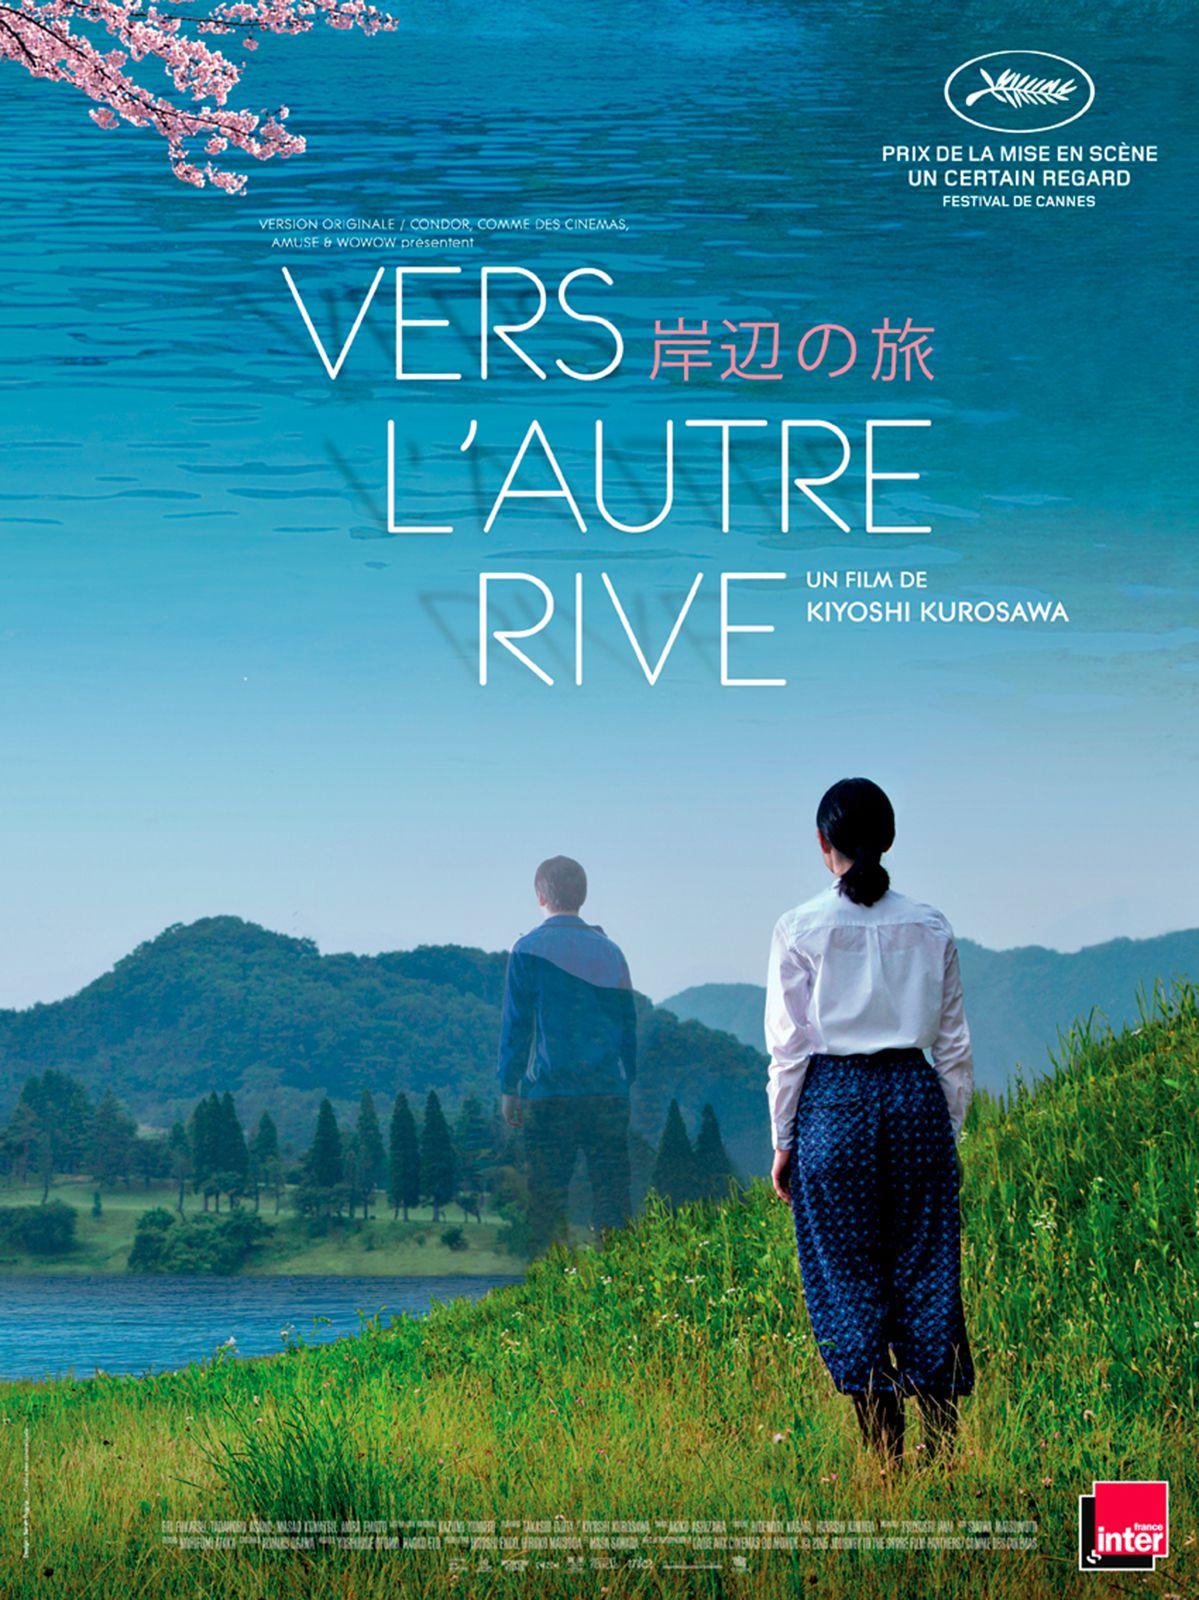 Vers l'autre rive - Film (2015)